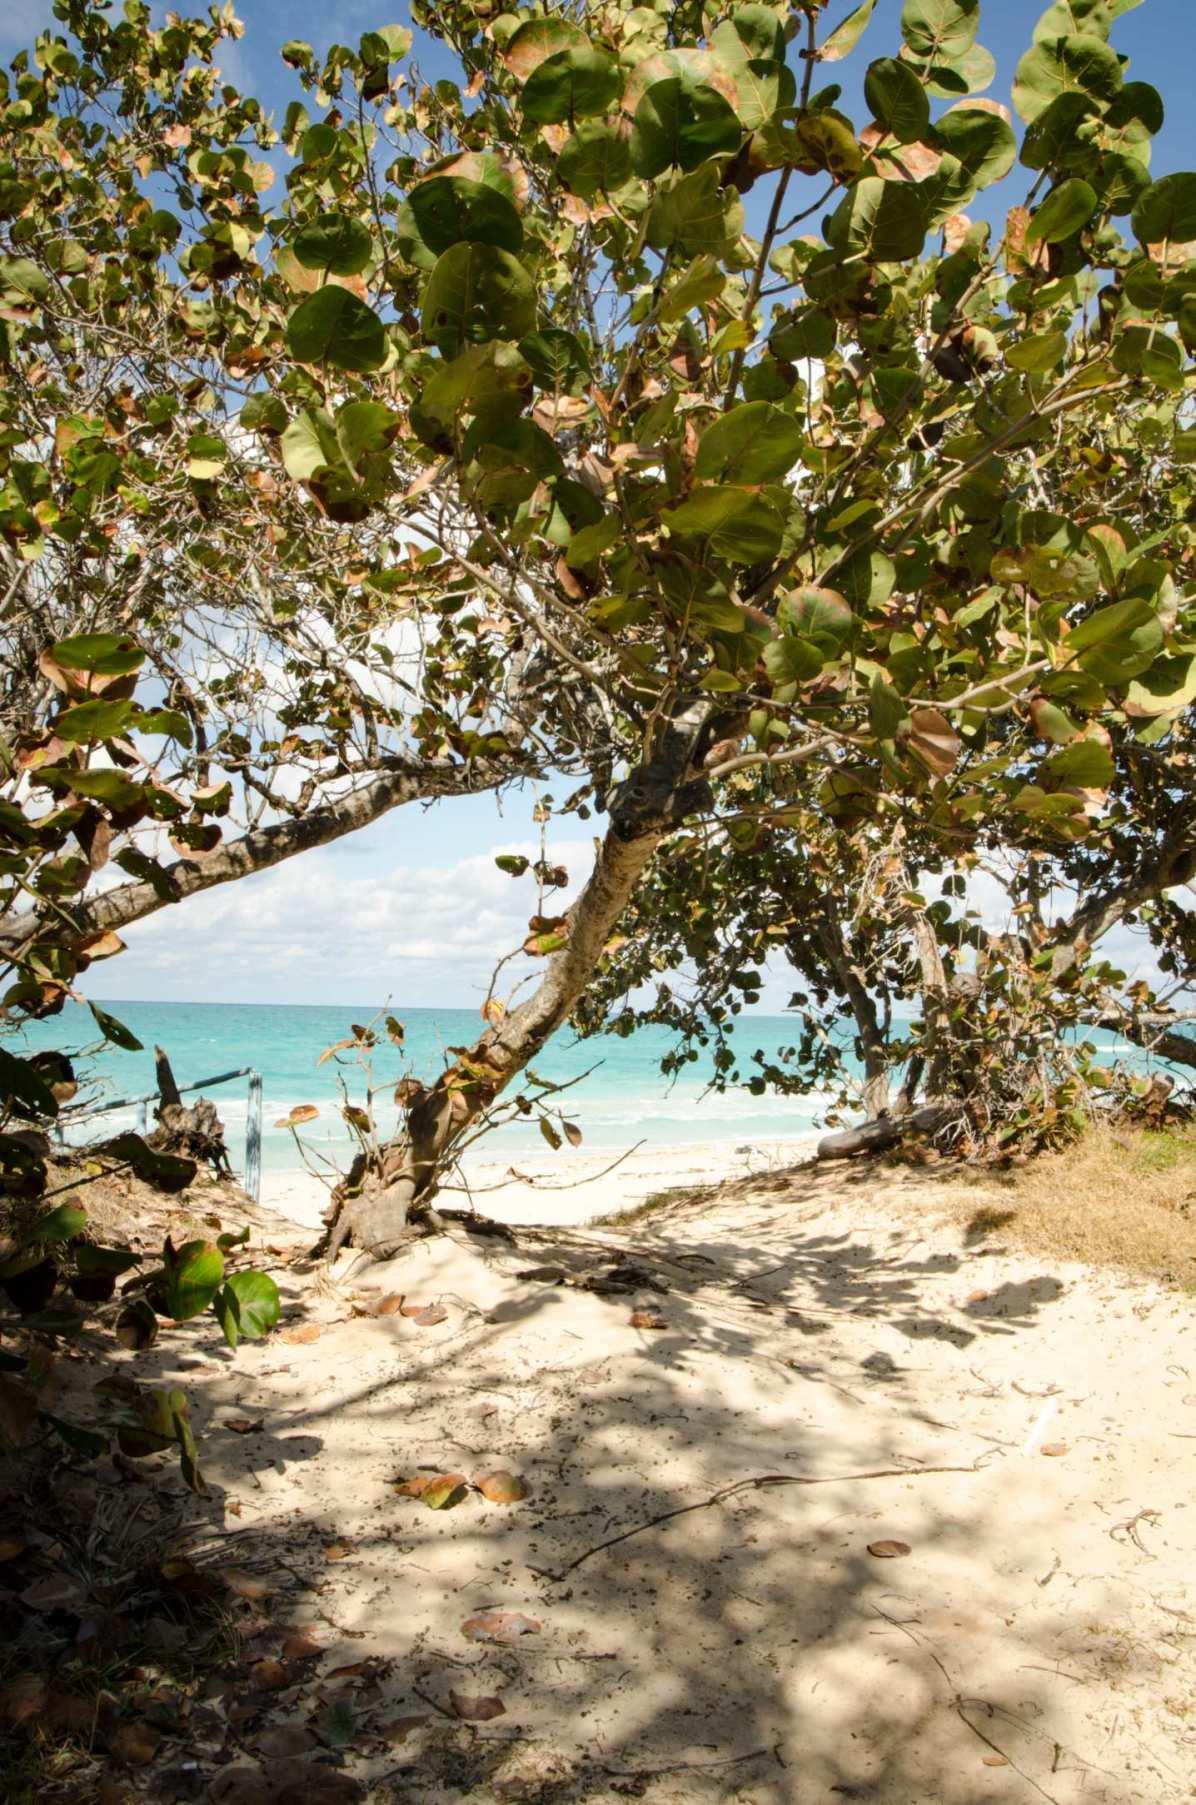 Voyager pas cher - Quand notre voyage annuel principal, c'est cinq jours à Cuba...